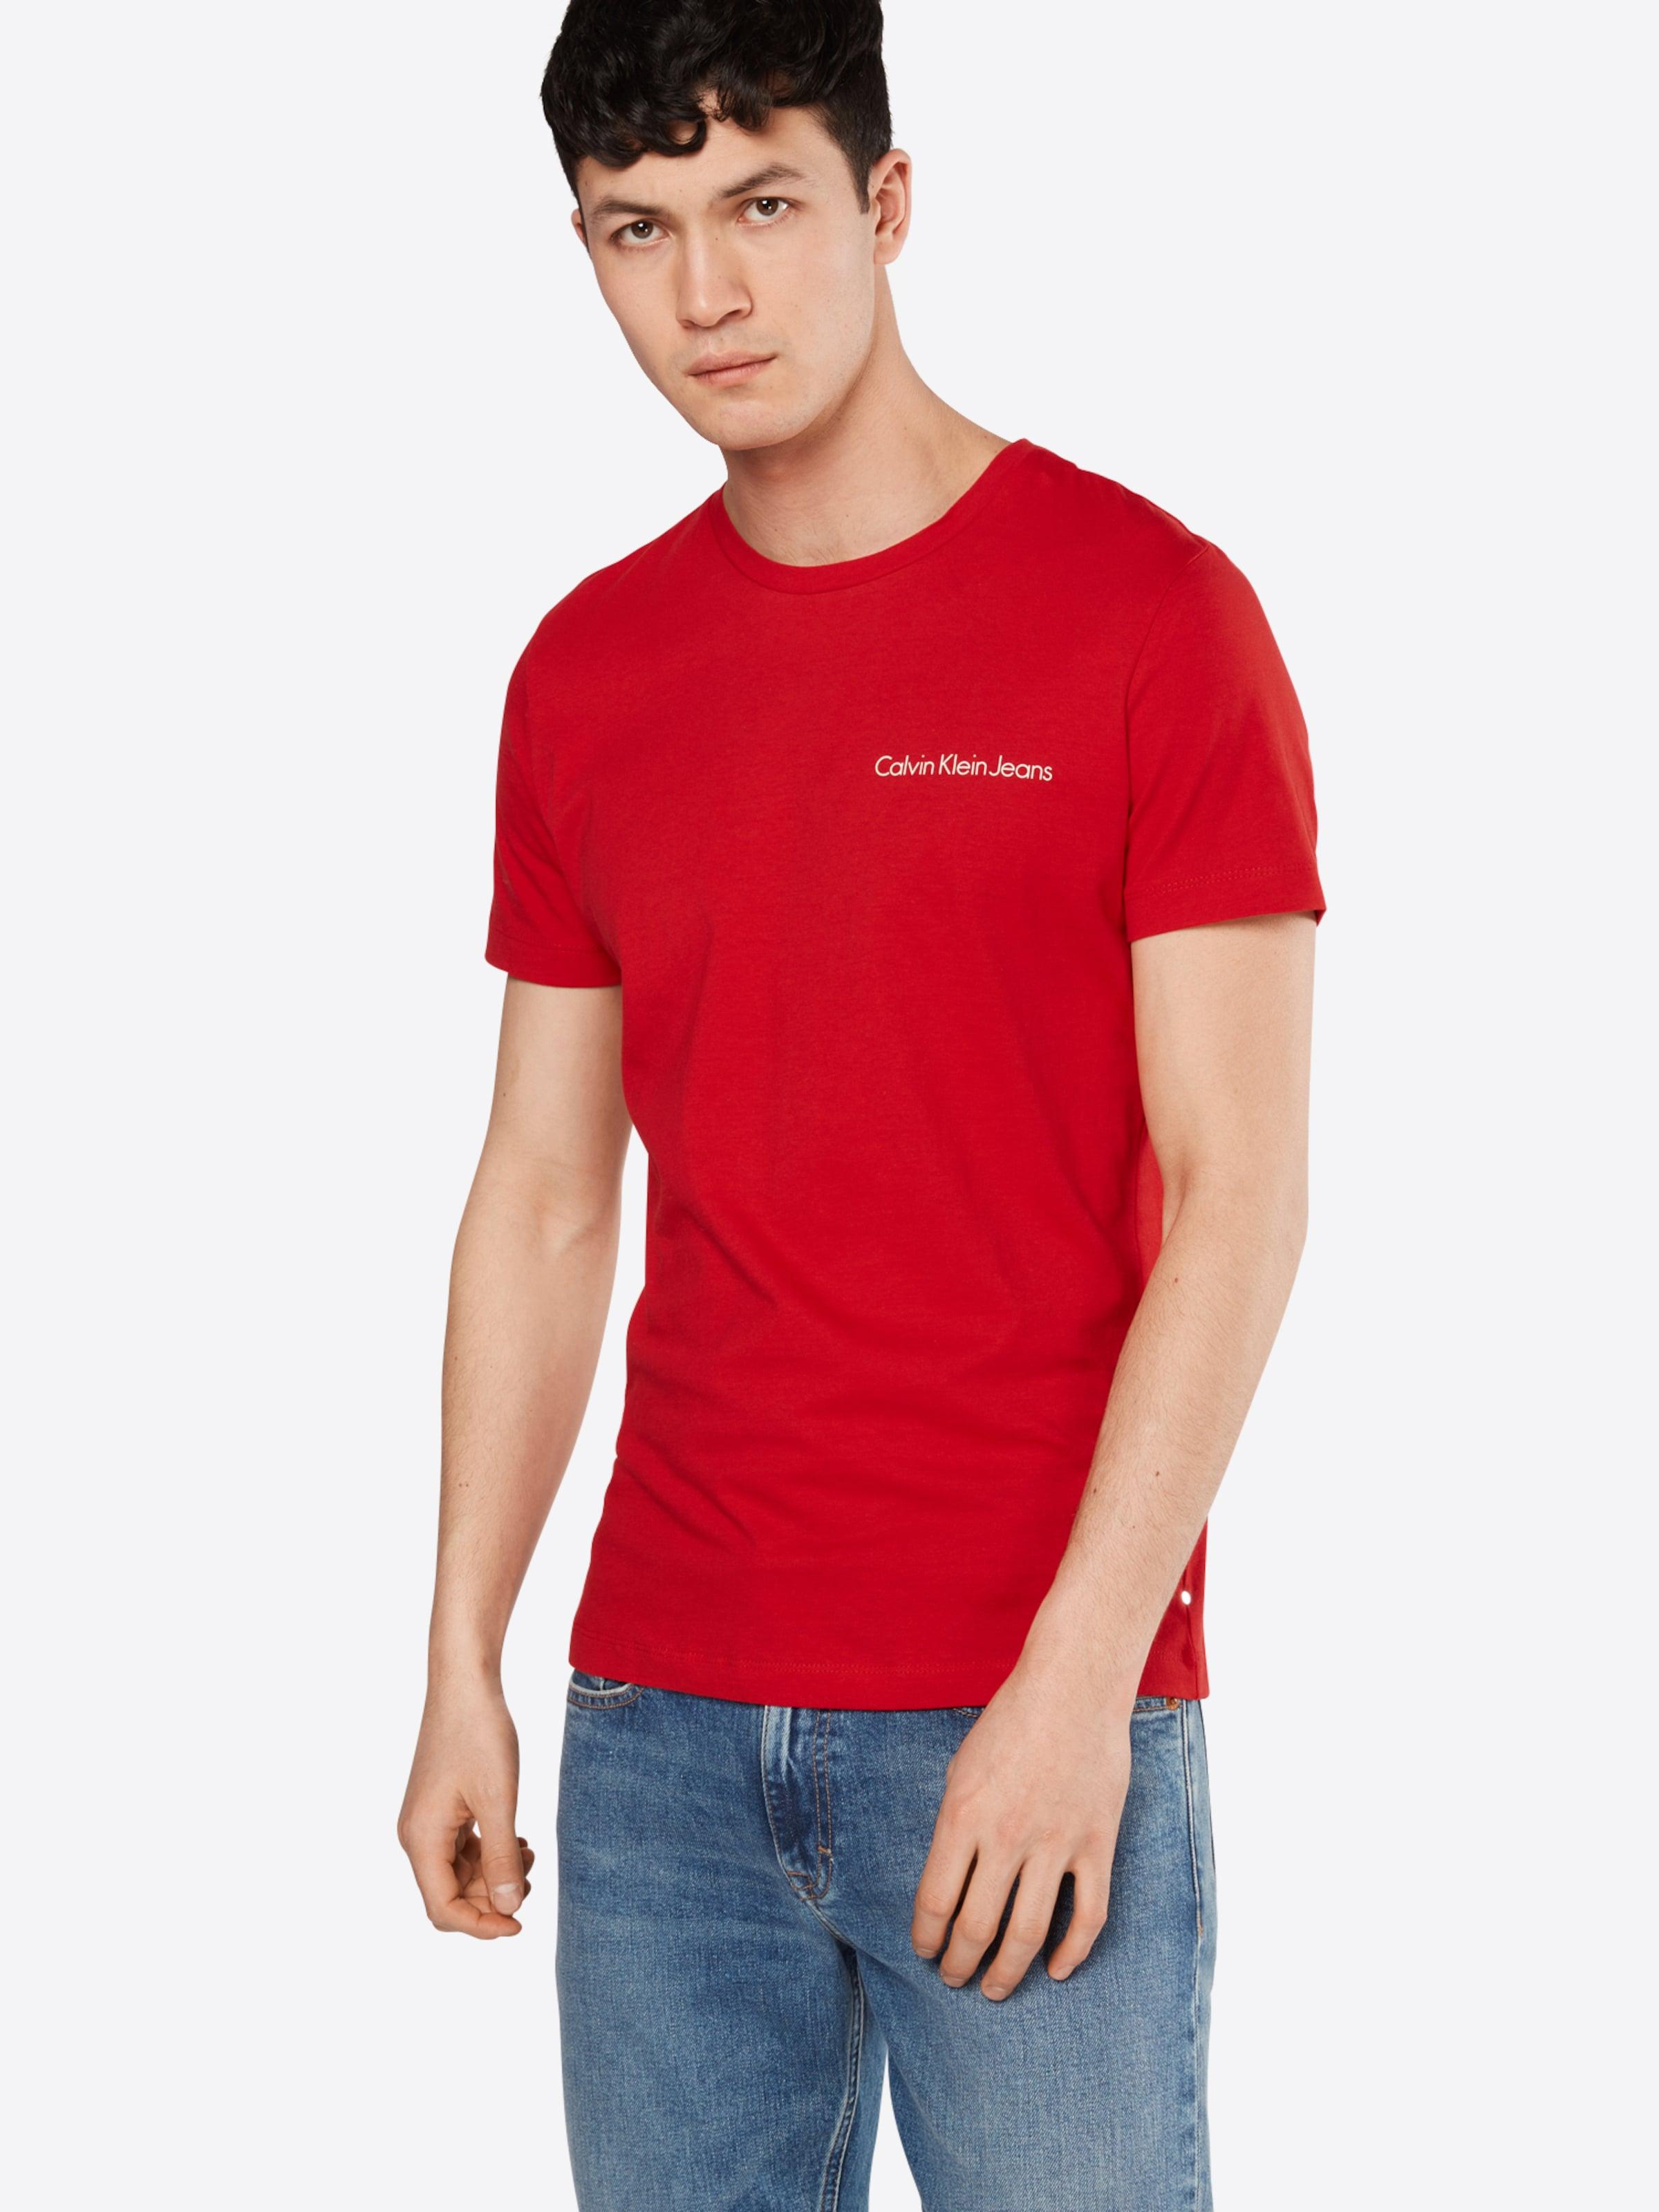 Calvin Klein Jeans T-Shirt 'TYPOKO' 2018 Neuer Online-Verkauf Freier Versandauftrag Wirklich Billige Schuhe Online Visa-Zahlung Verkauf Online sje4ElYVz